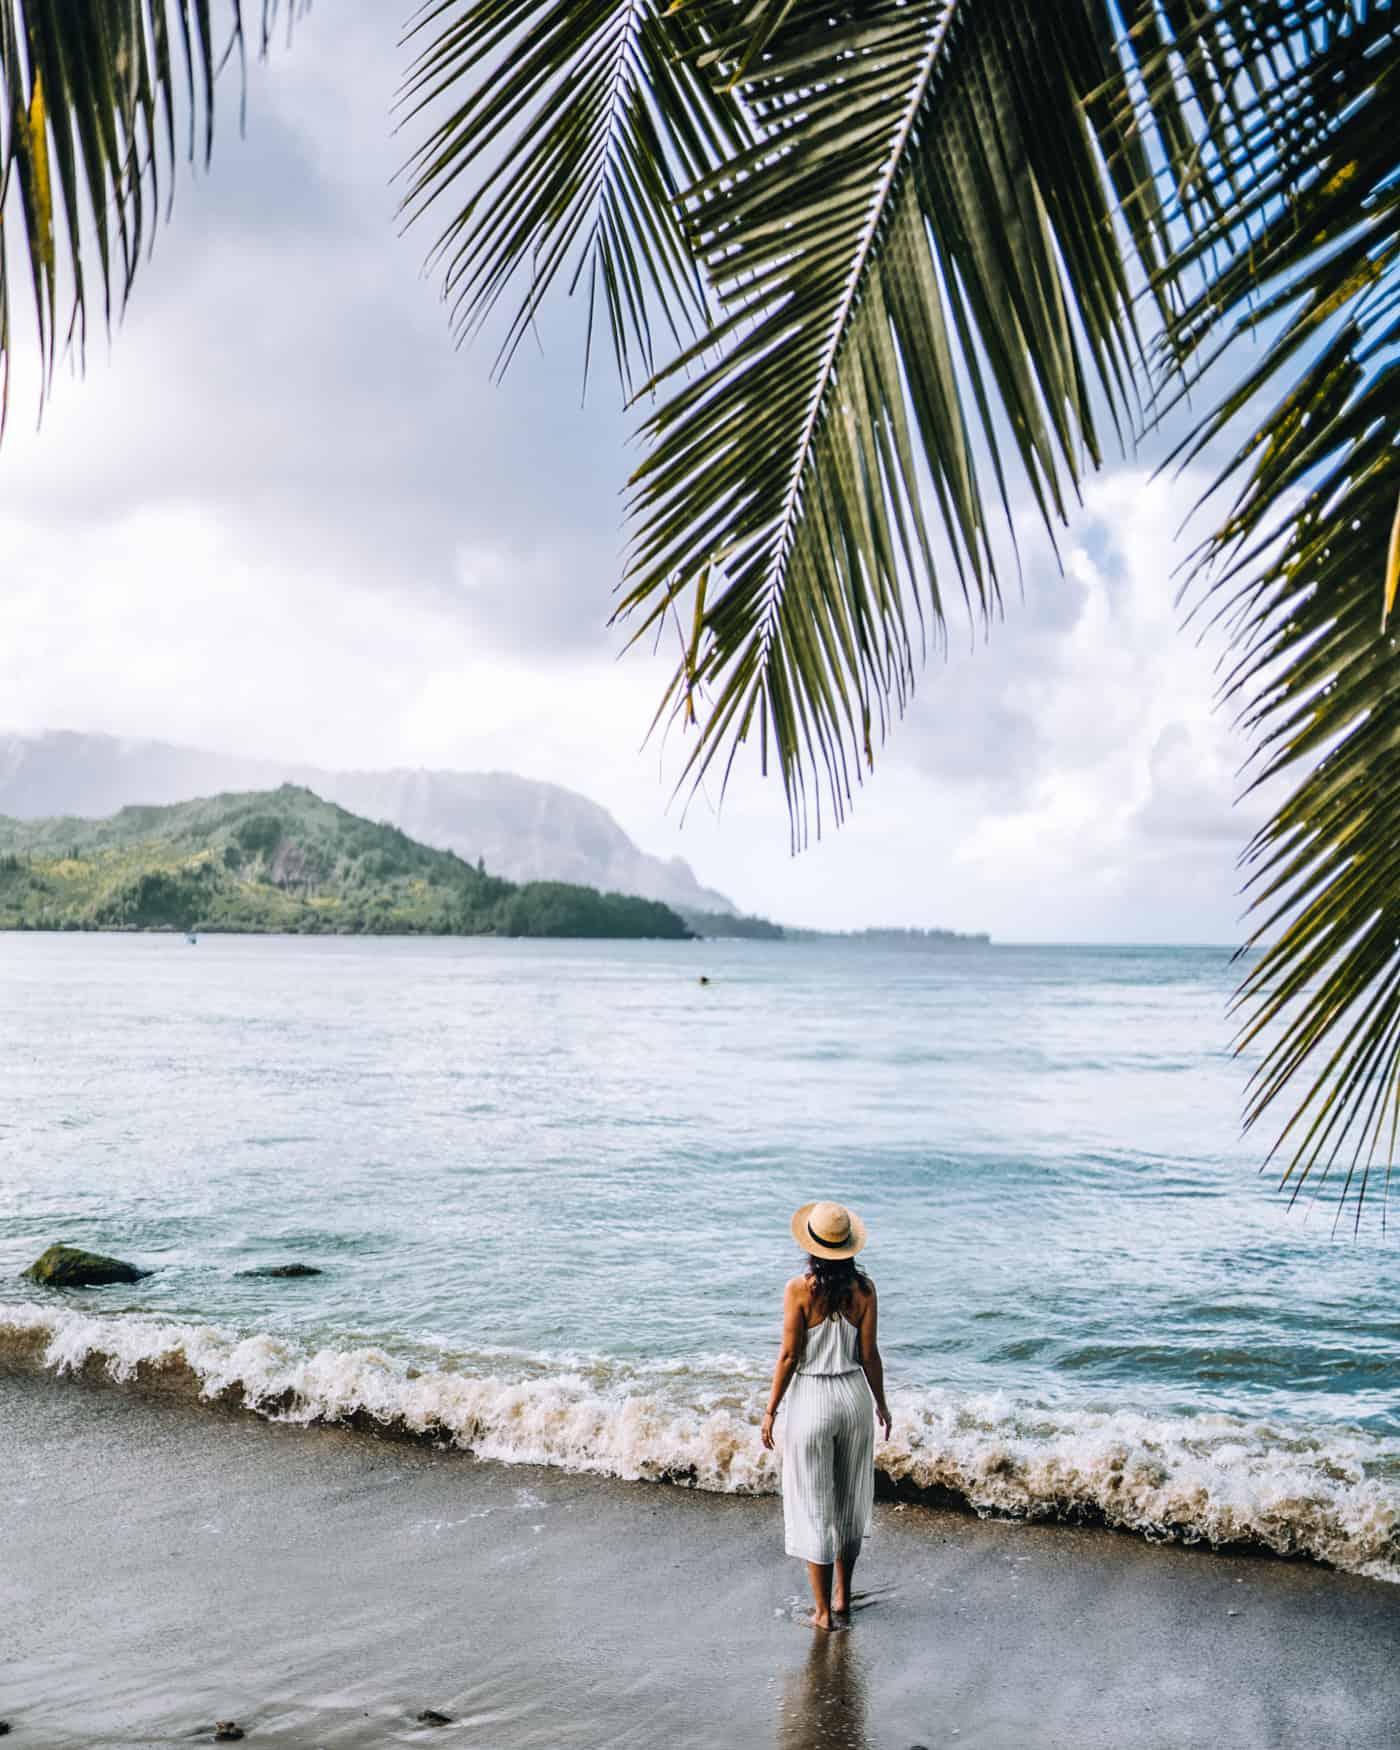 Kauai - Strände, Wandern & Ausflugsziele: Die Garteninsel von HawaiiKauai - Strände, Wandern & Ausflugsziele: Am Hanalei Beach